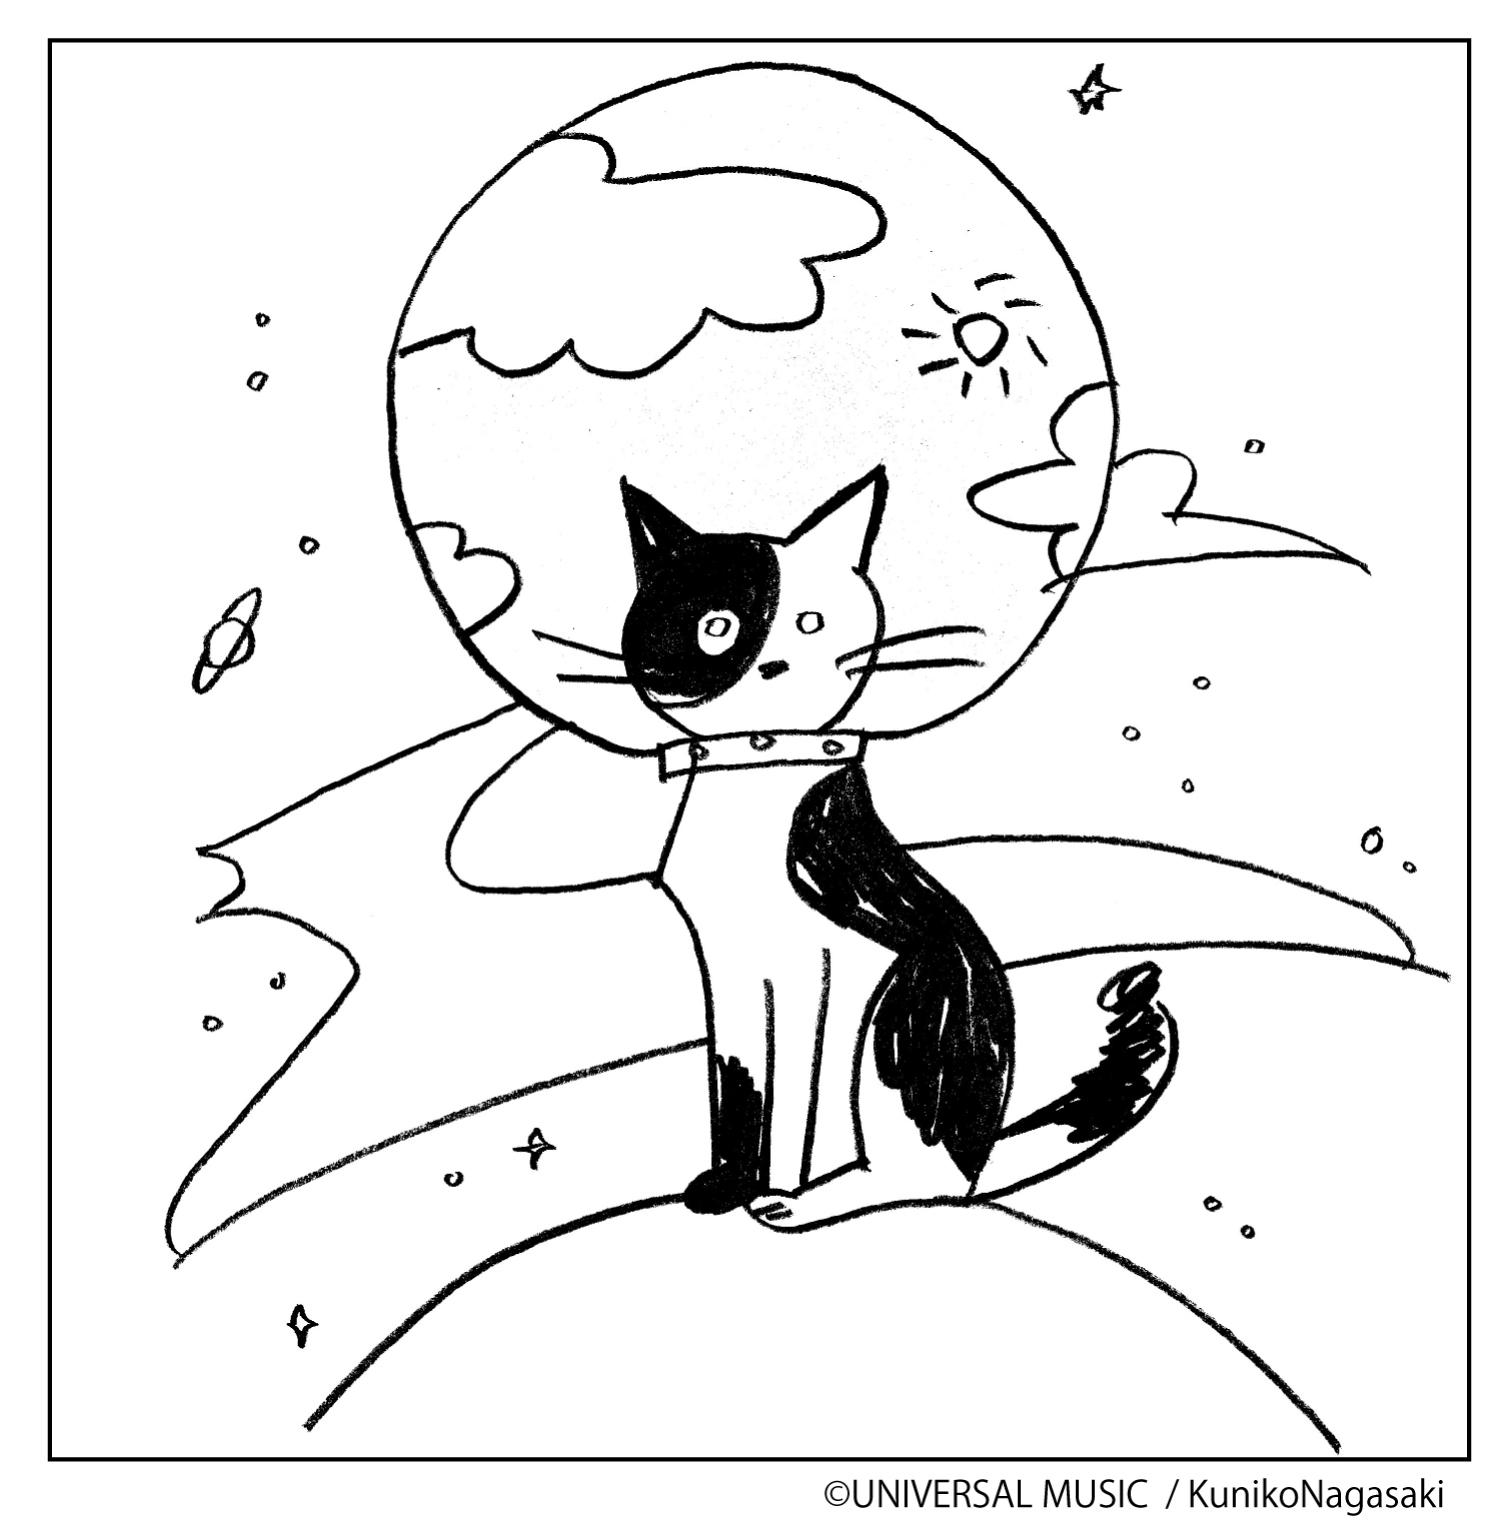 「猫ちぐら」夏休みぬりえキャンペーン - スピッツ